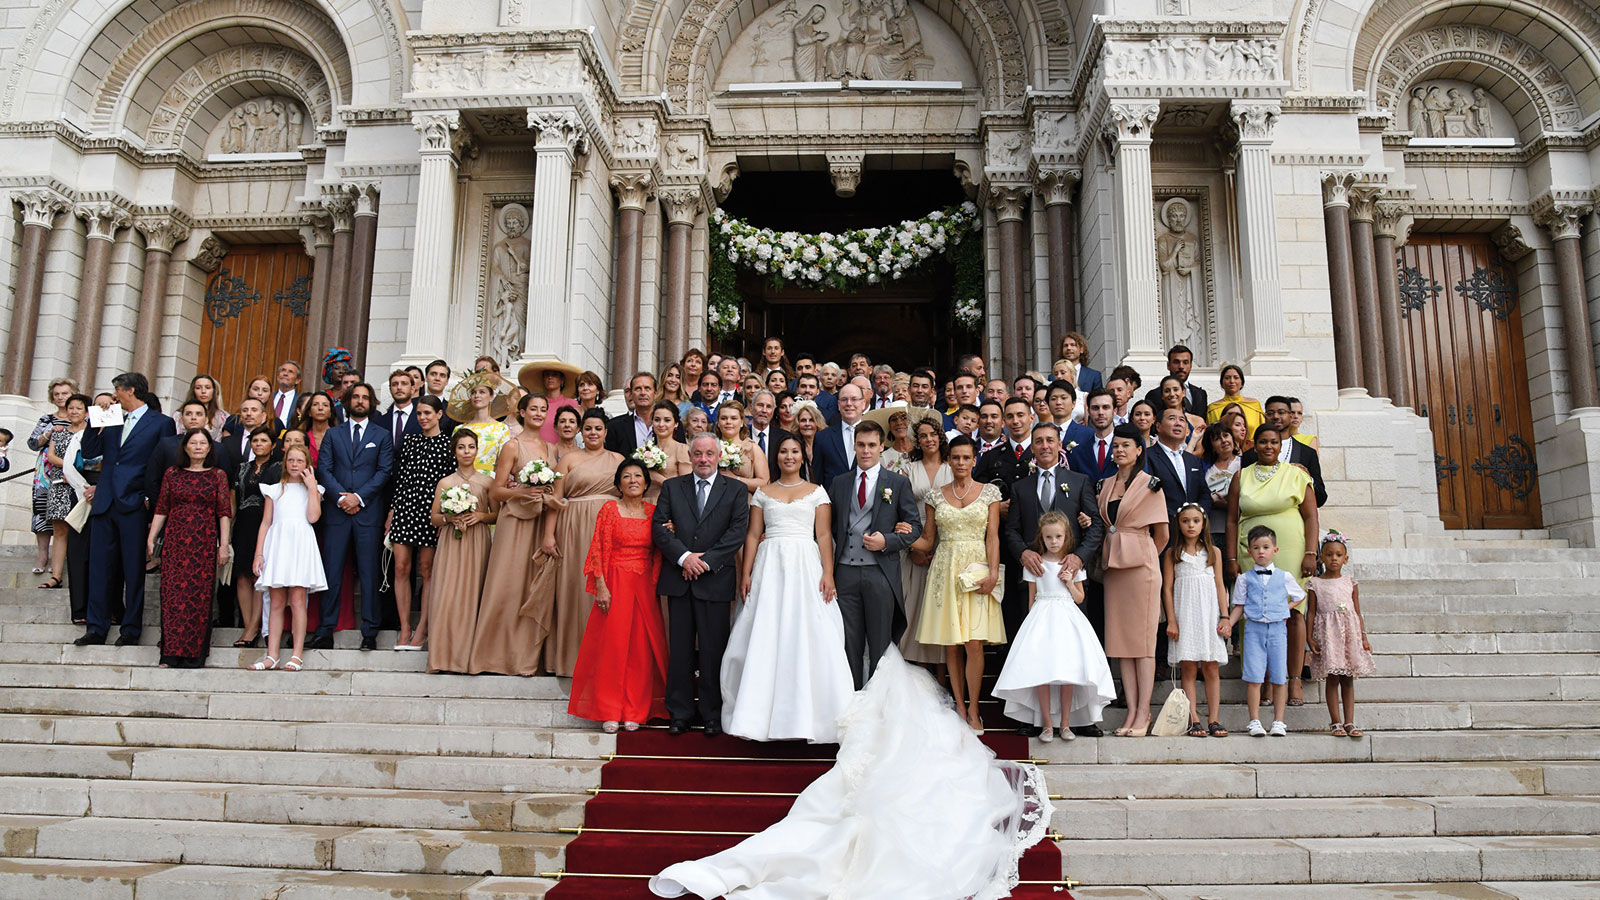 louis-ducruet-marie-chevallier-mariage-monaco-observateur-couverture